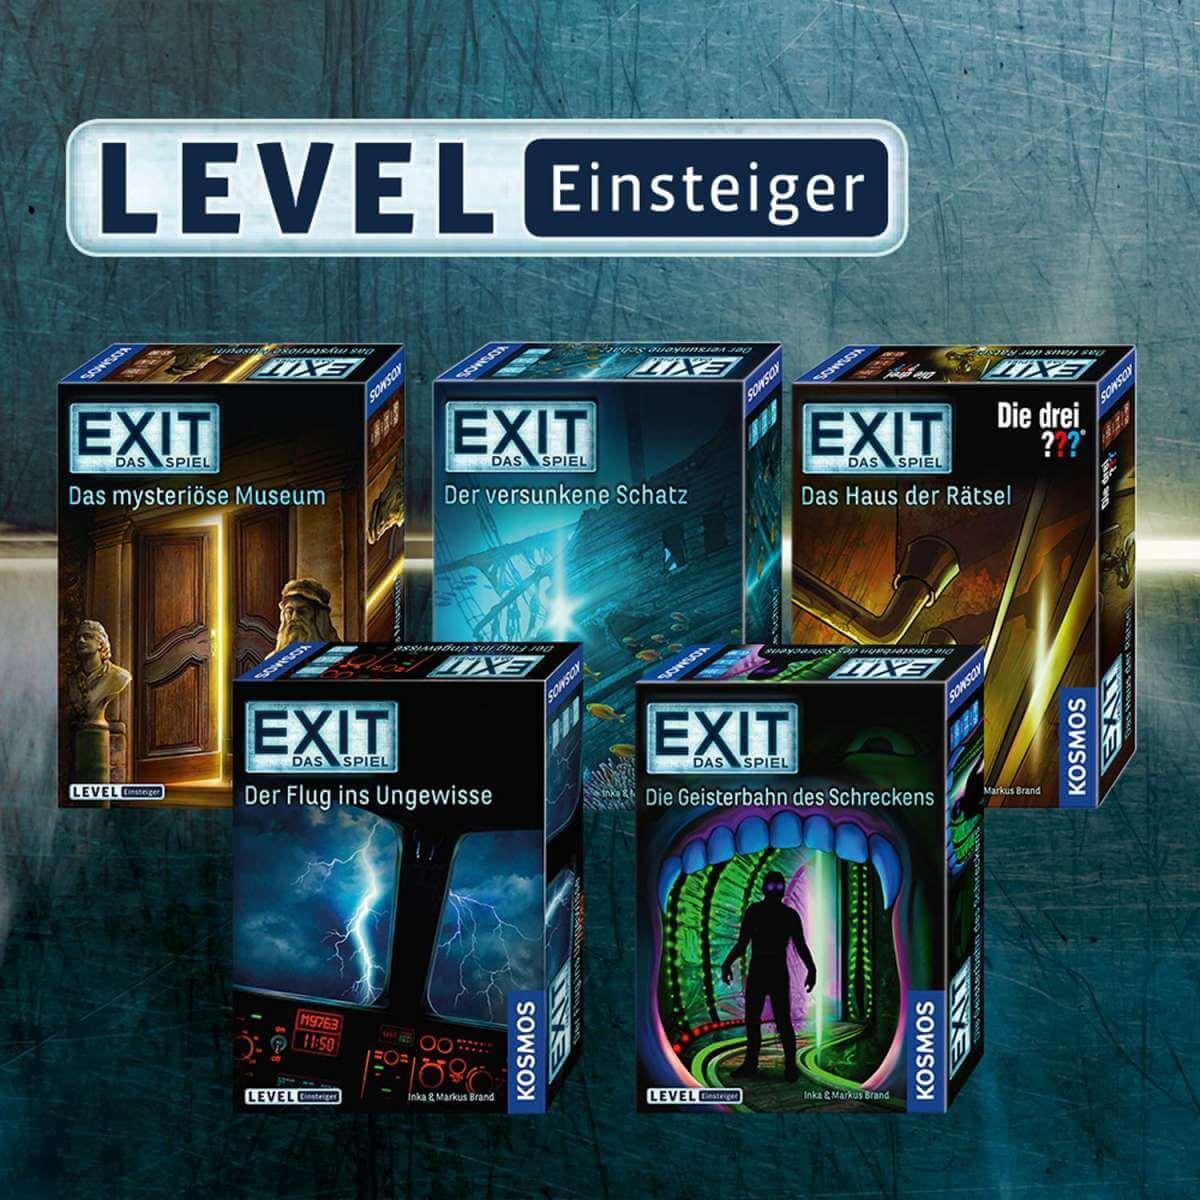 Spieleversionen- EXIT - Das Spiel: Der Flug ins Ungewisse